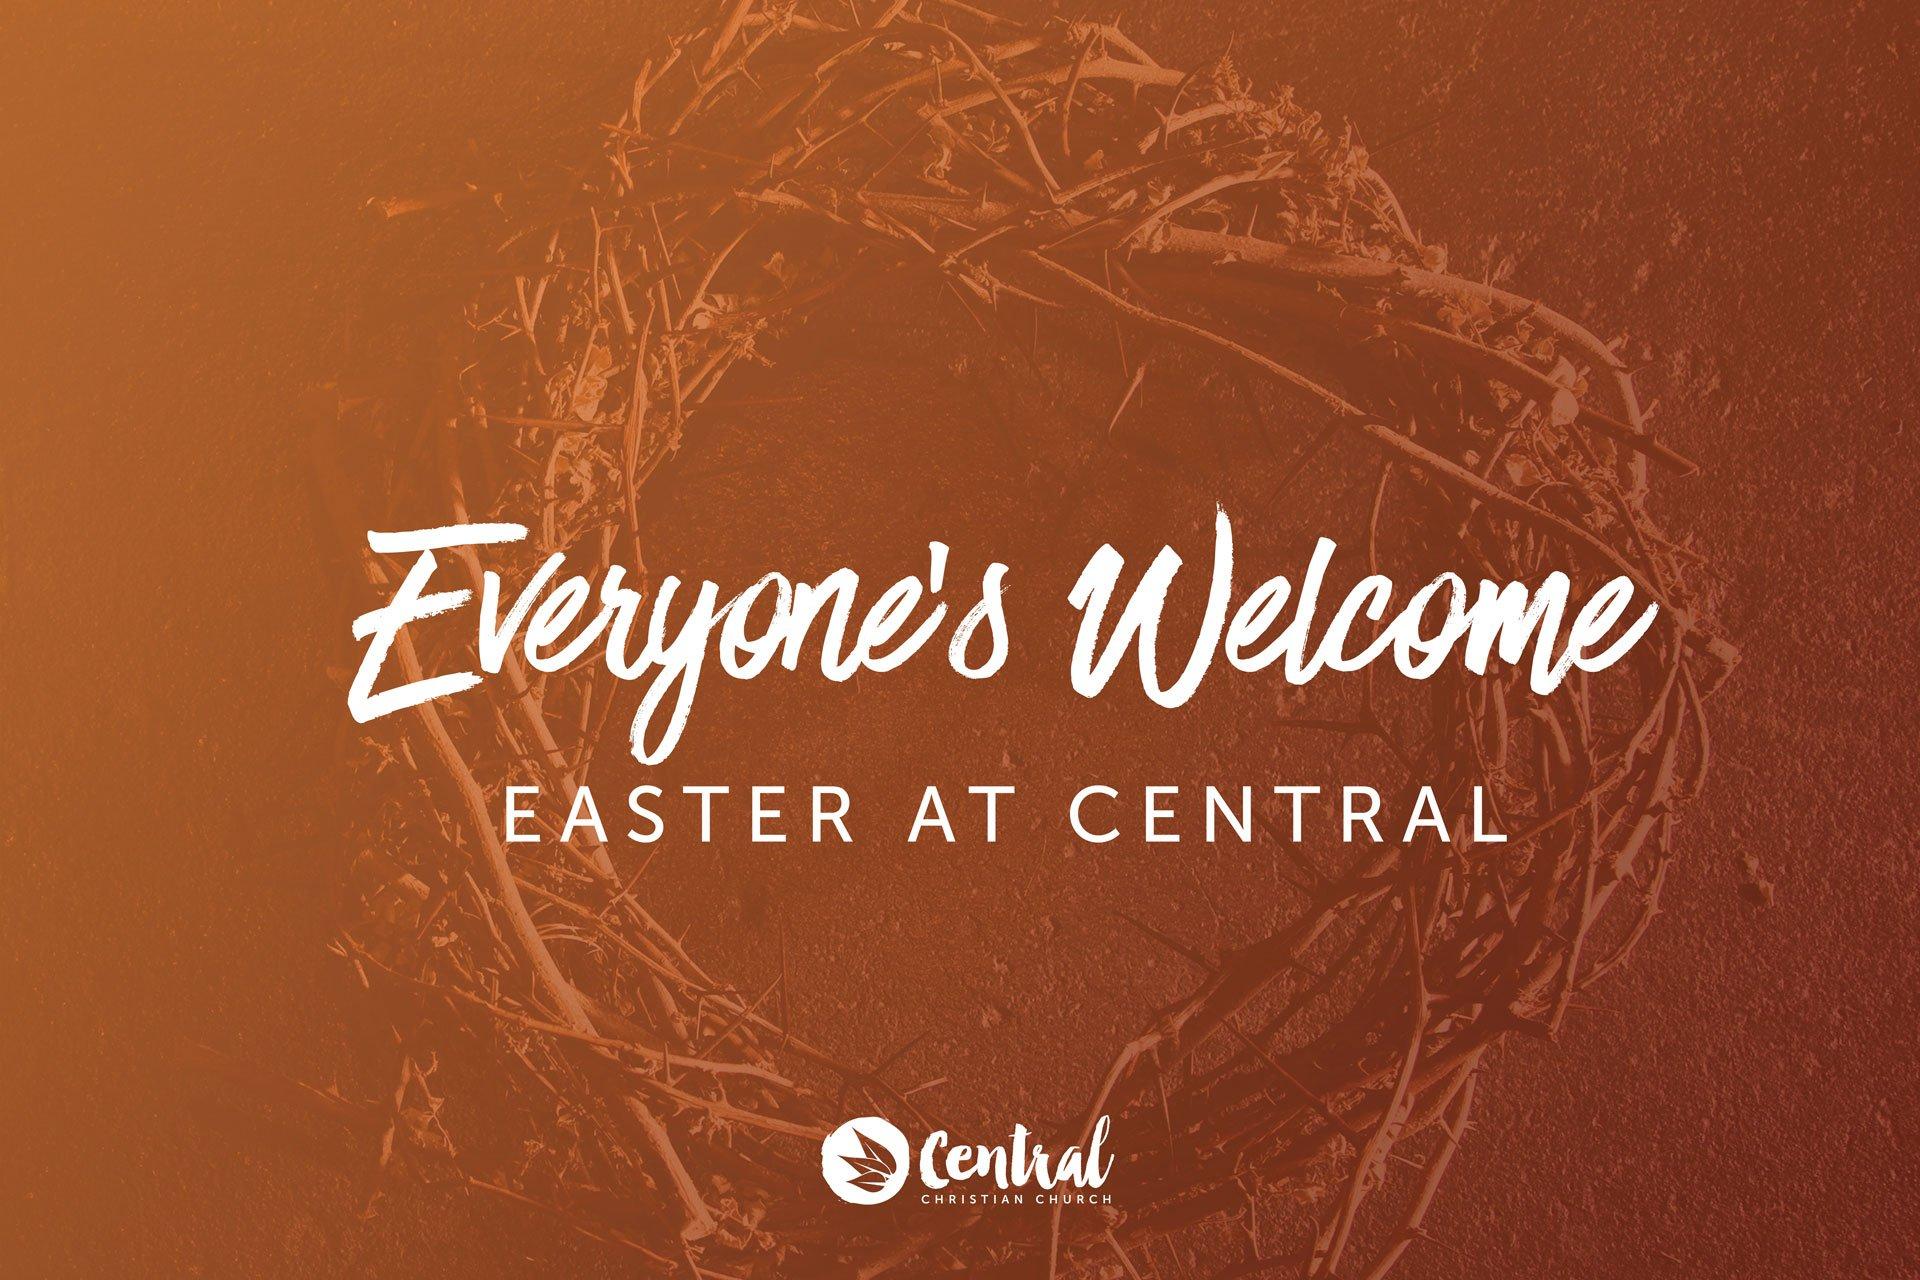 Easter Church Service Ocala Florida - Central Christian